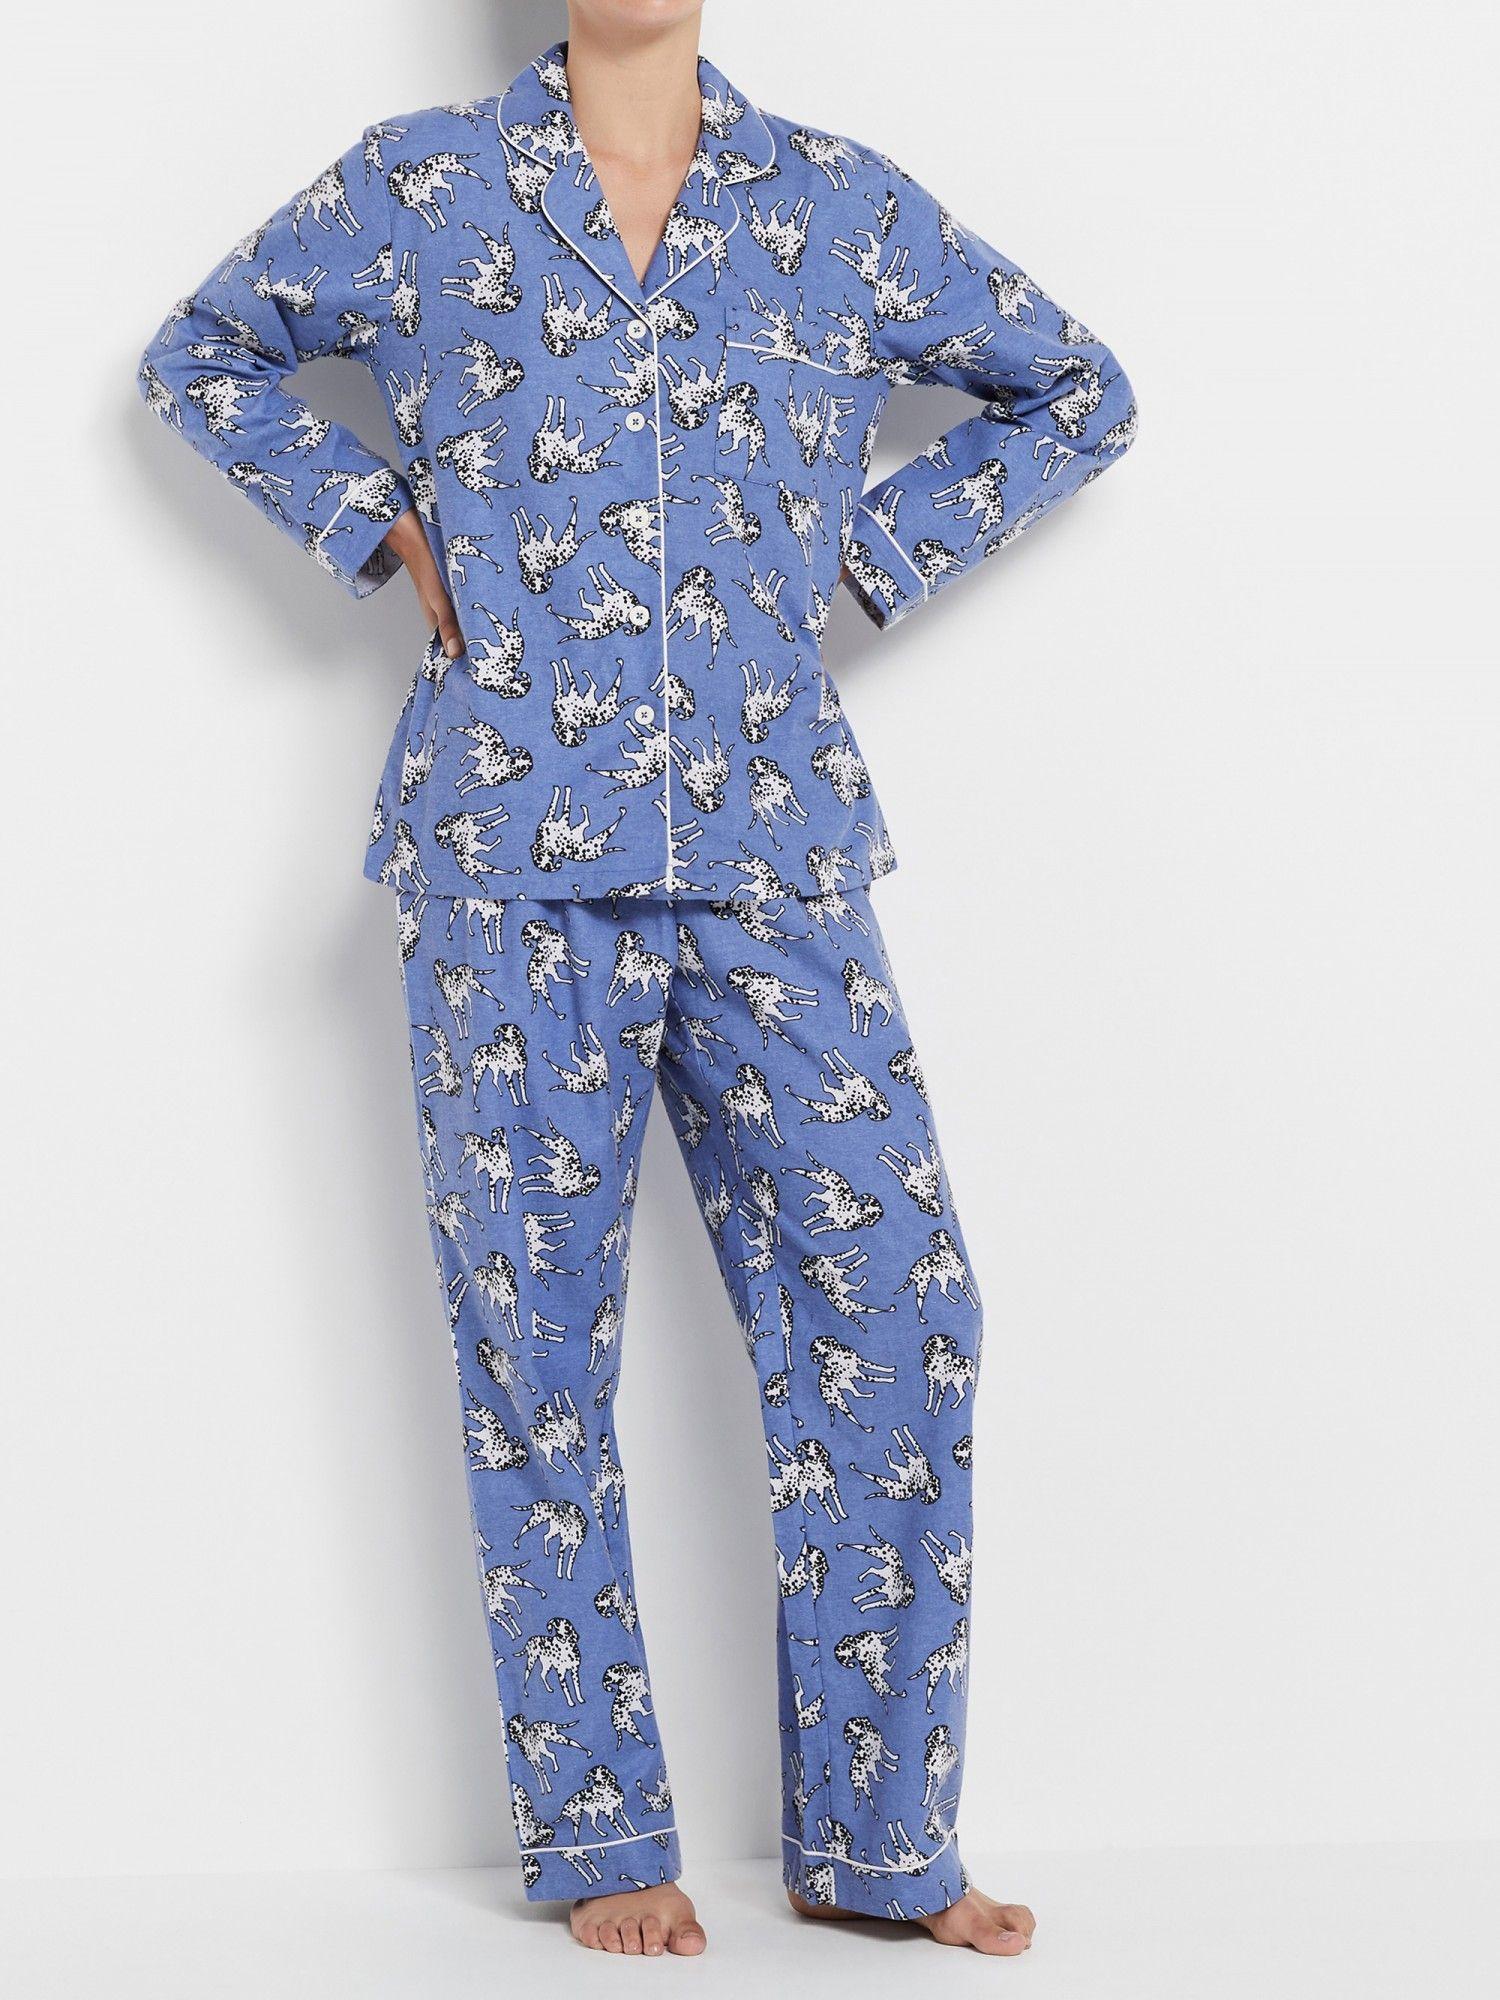 Dog Print Flannelette Pyjama Set Pajama set, Women